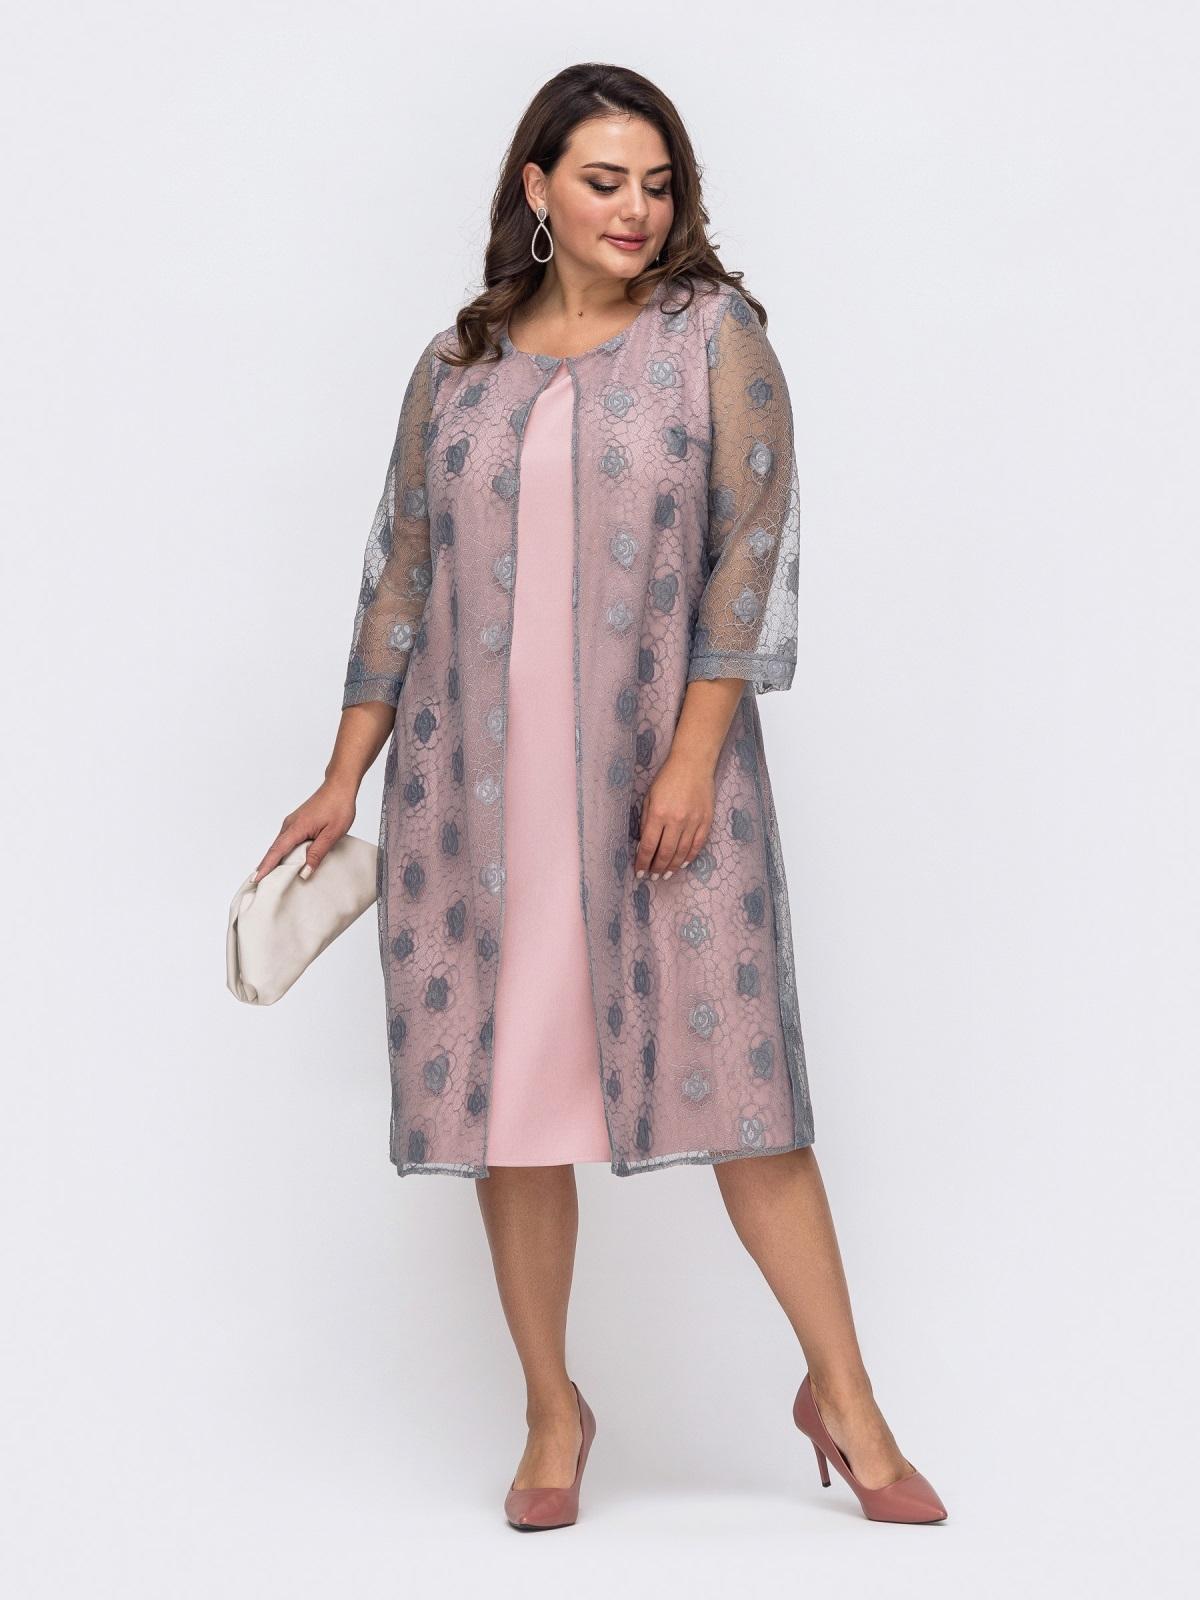 Вечернее платье батал с гипюровой накидкой серое 51486, фото 1